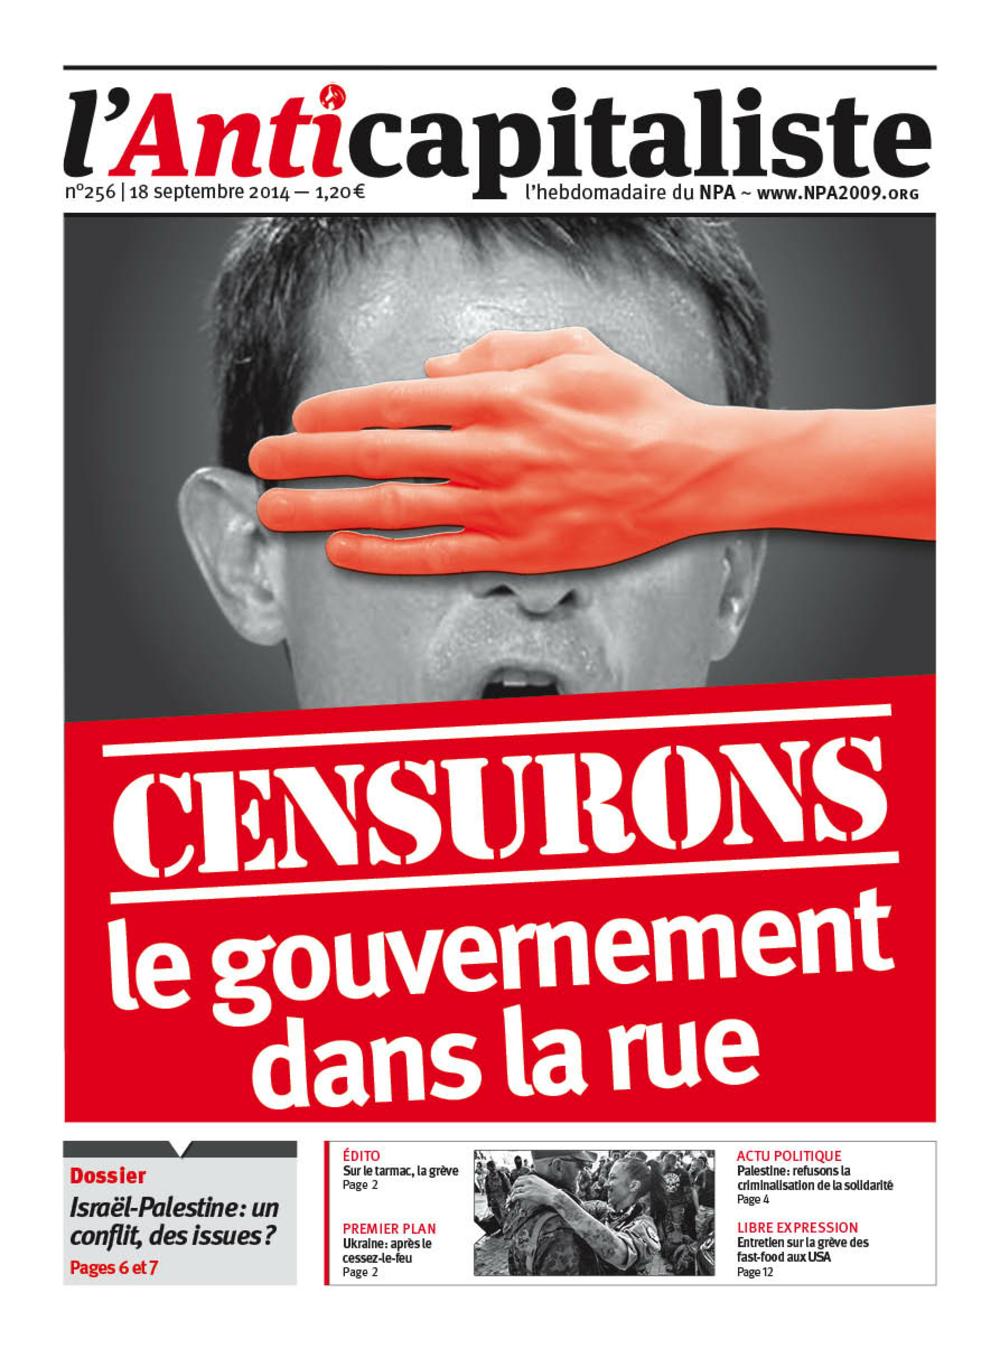 Résistance au gouvernement bourgeois - Page 18 Antik256_la_une